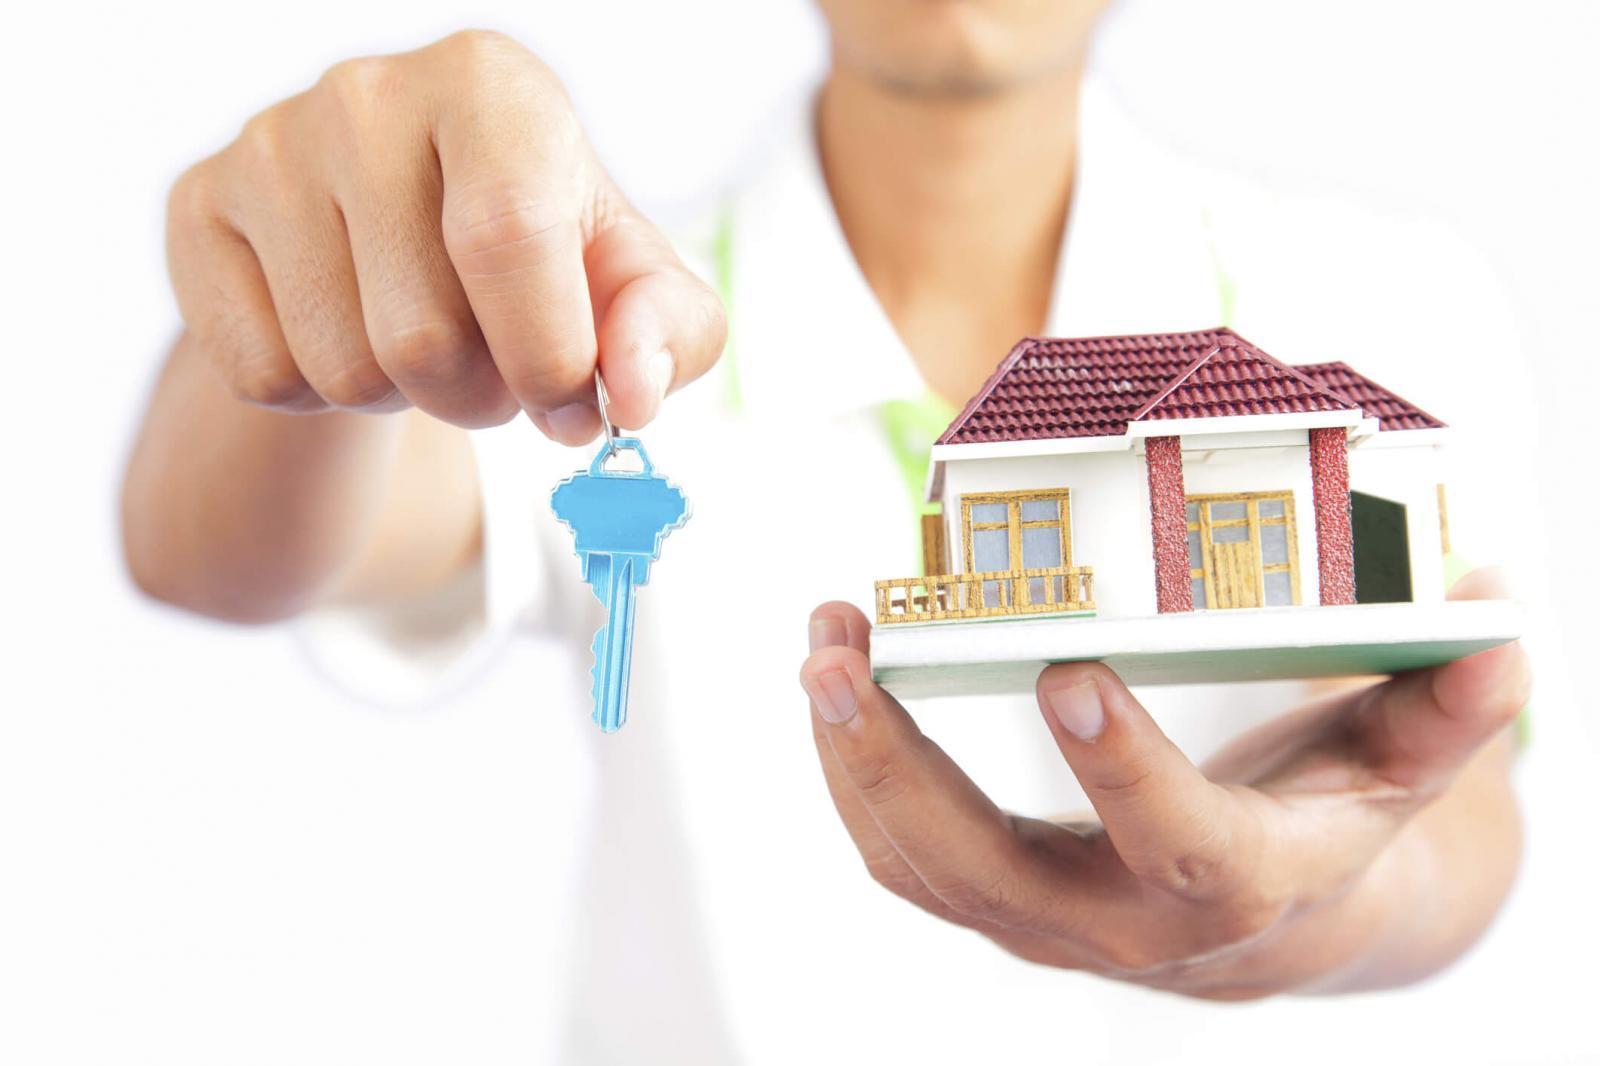 Điều kiện để giao dịch mua bán nhà đất là gì?